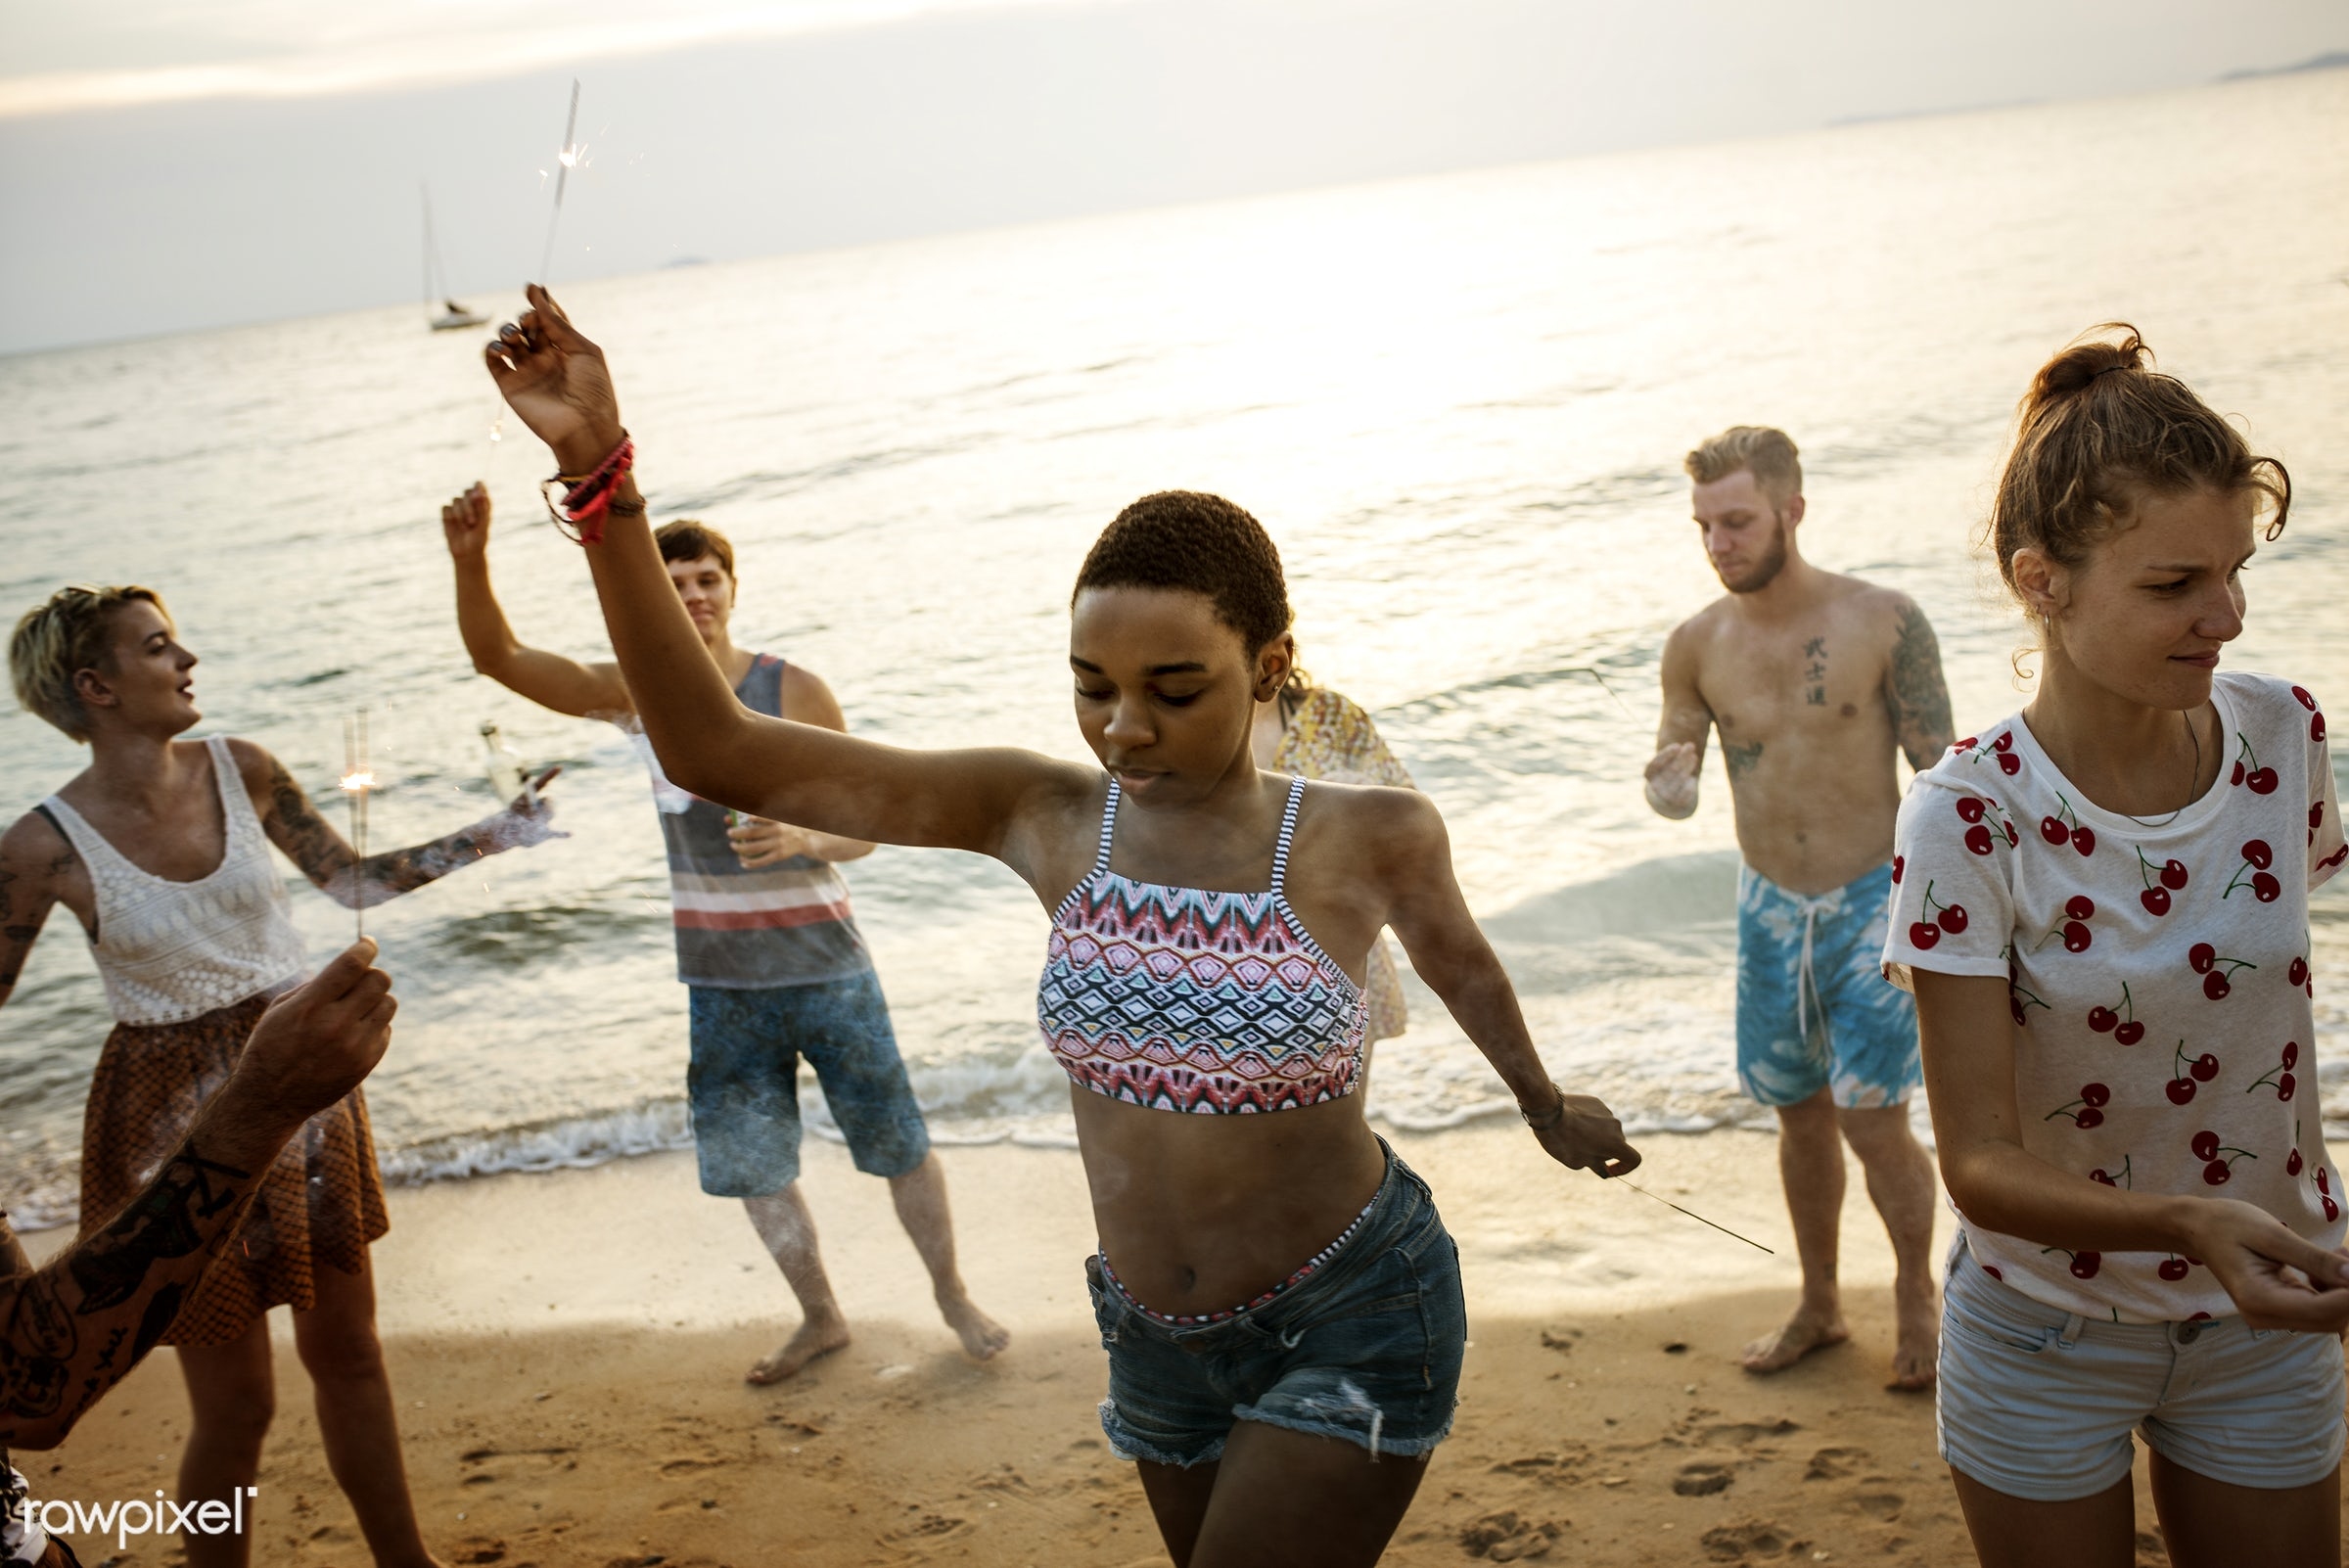 activity, arms raised, beach, beers, beverage, break, cheerful, coast, diverse, drinks, enjoying, friends, fun, group,...